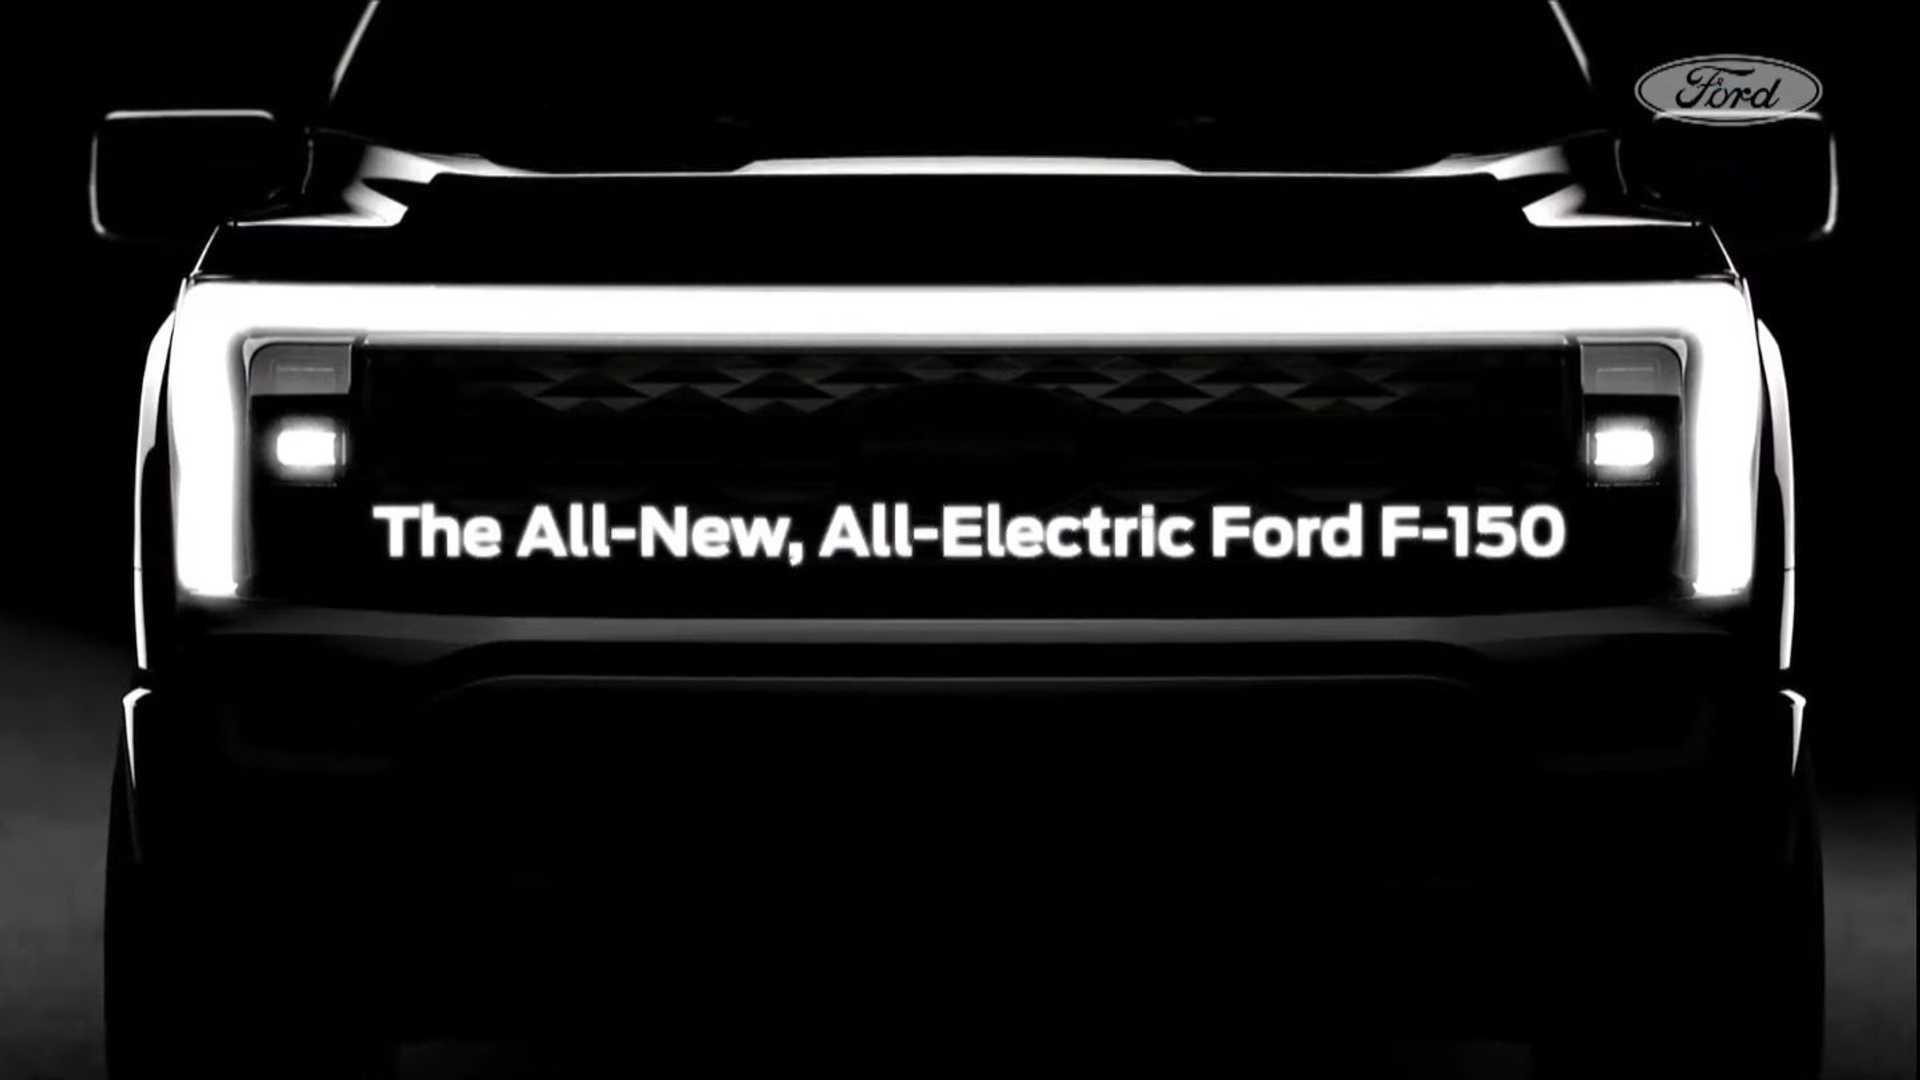 贯穿式灯带设计 福特F-150纯电版预告图发布